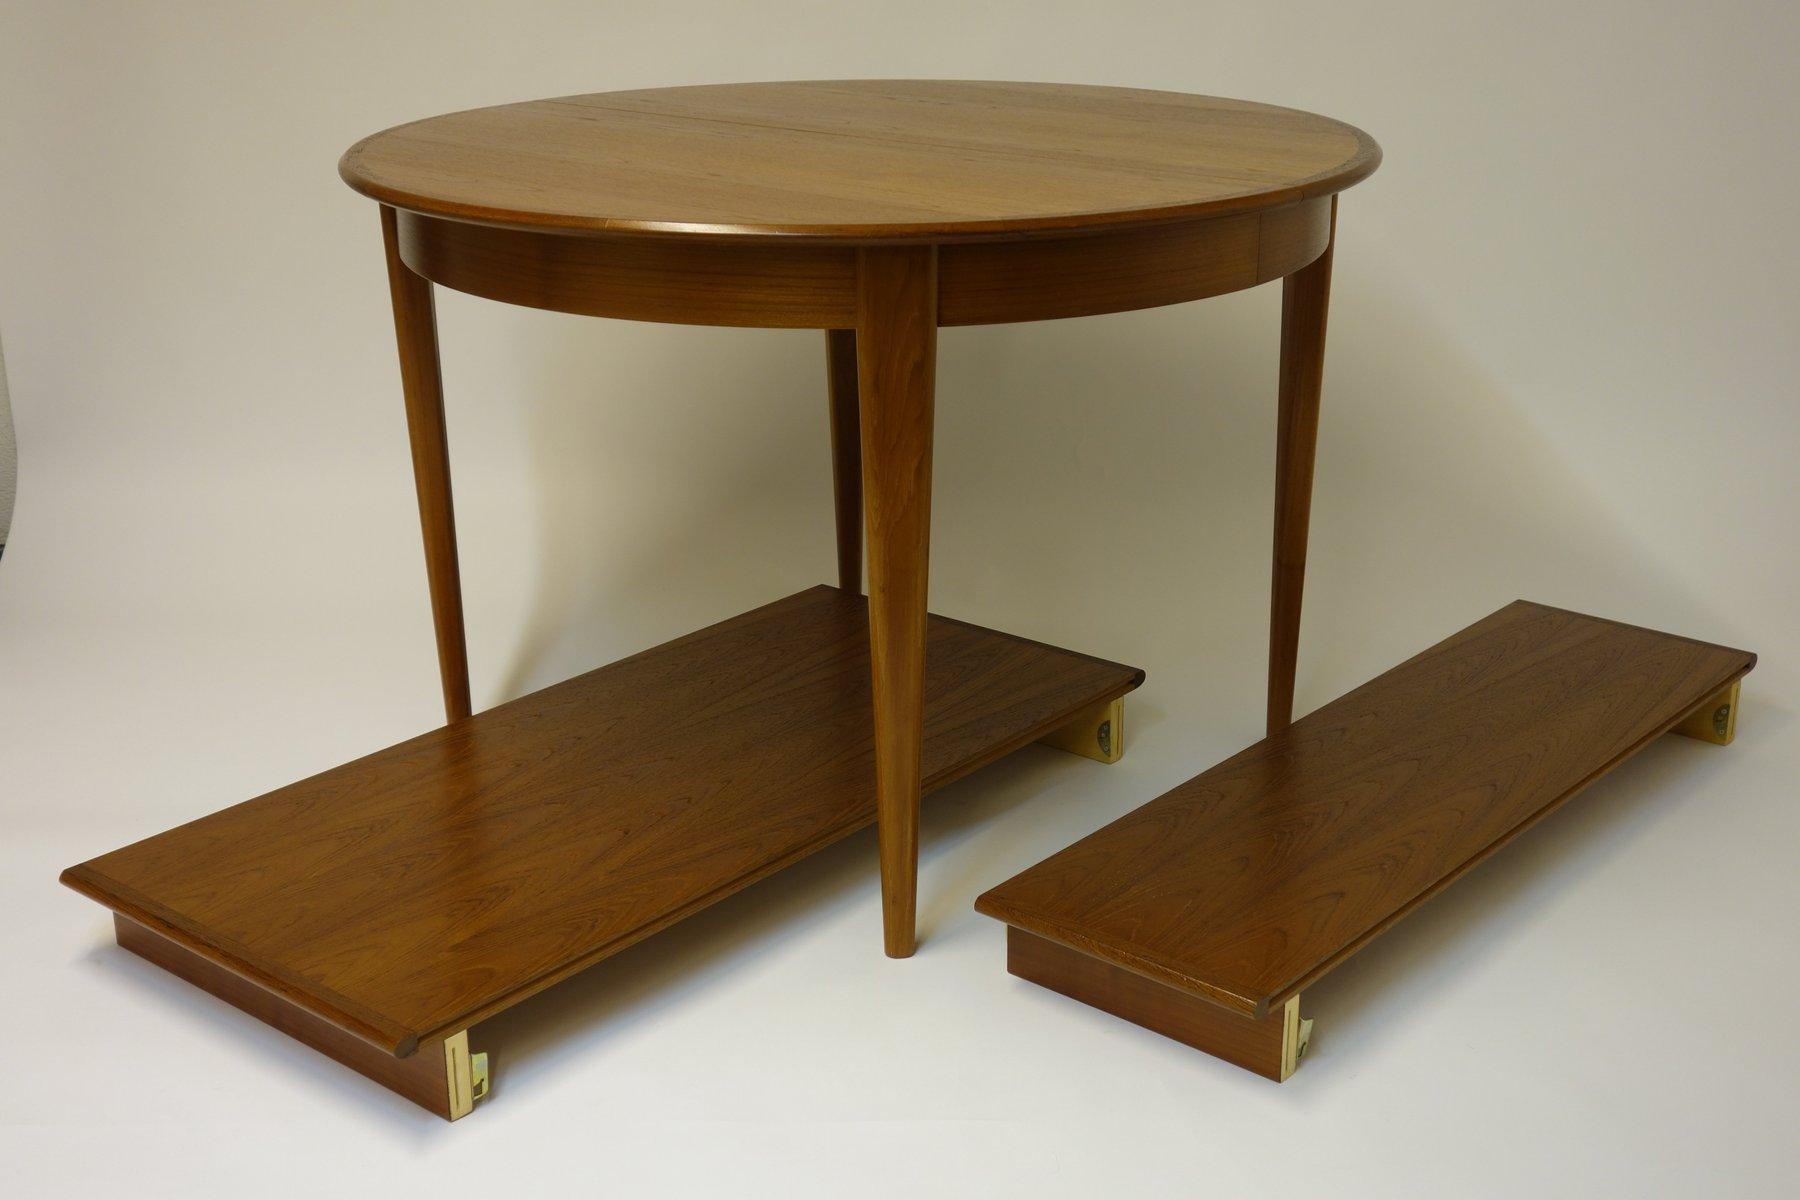 ausziehbarer esstisch mit zwei erweiterungen vier st hle. Black Bedroom Furniture Sets. Home Design Ideas